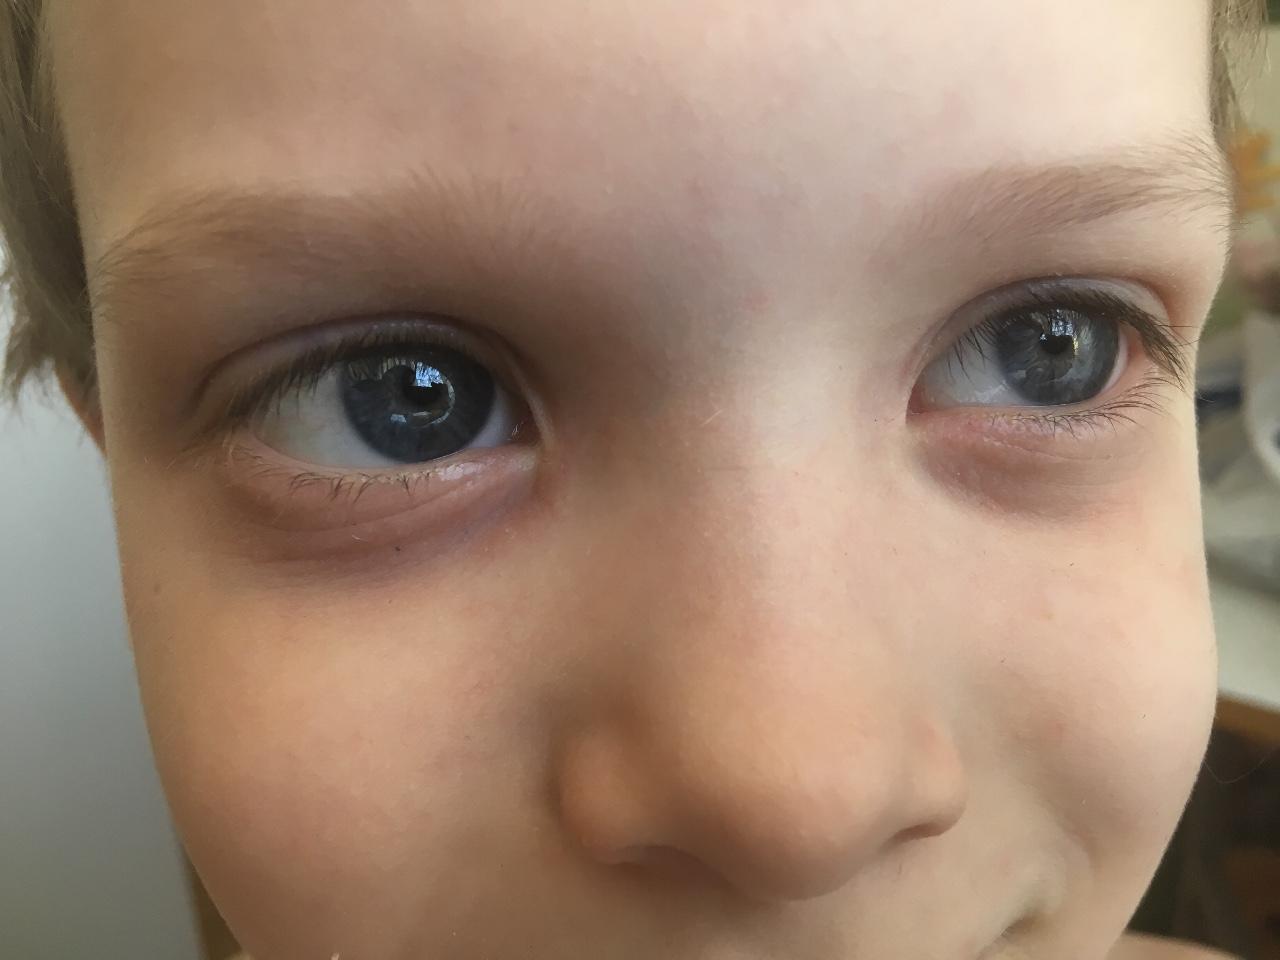 Синяки под глазами у ребенка, причины: почему и от чего у детей появилась синева в 1-3 года? | симптомы | vpolozhenii.com